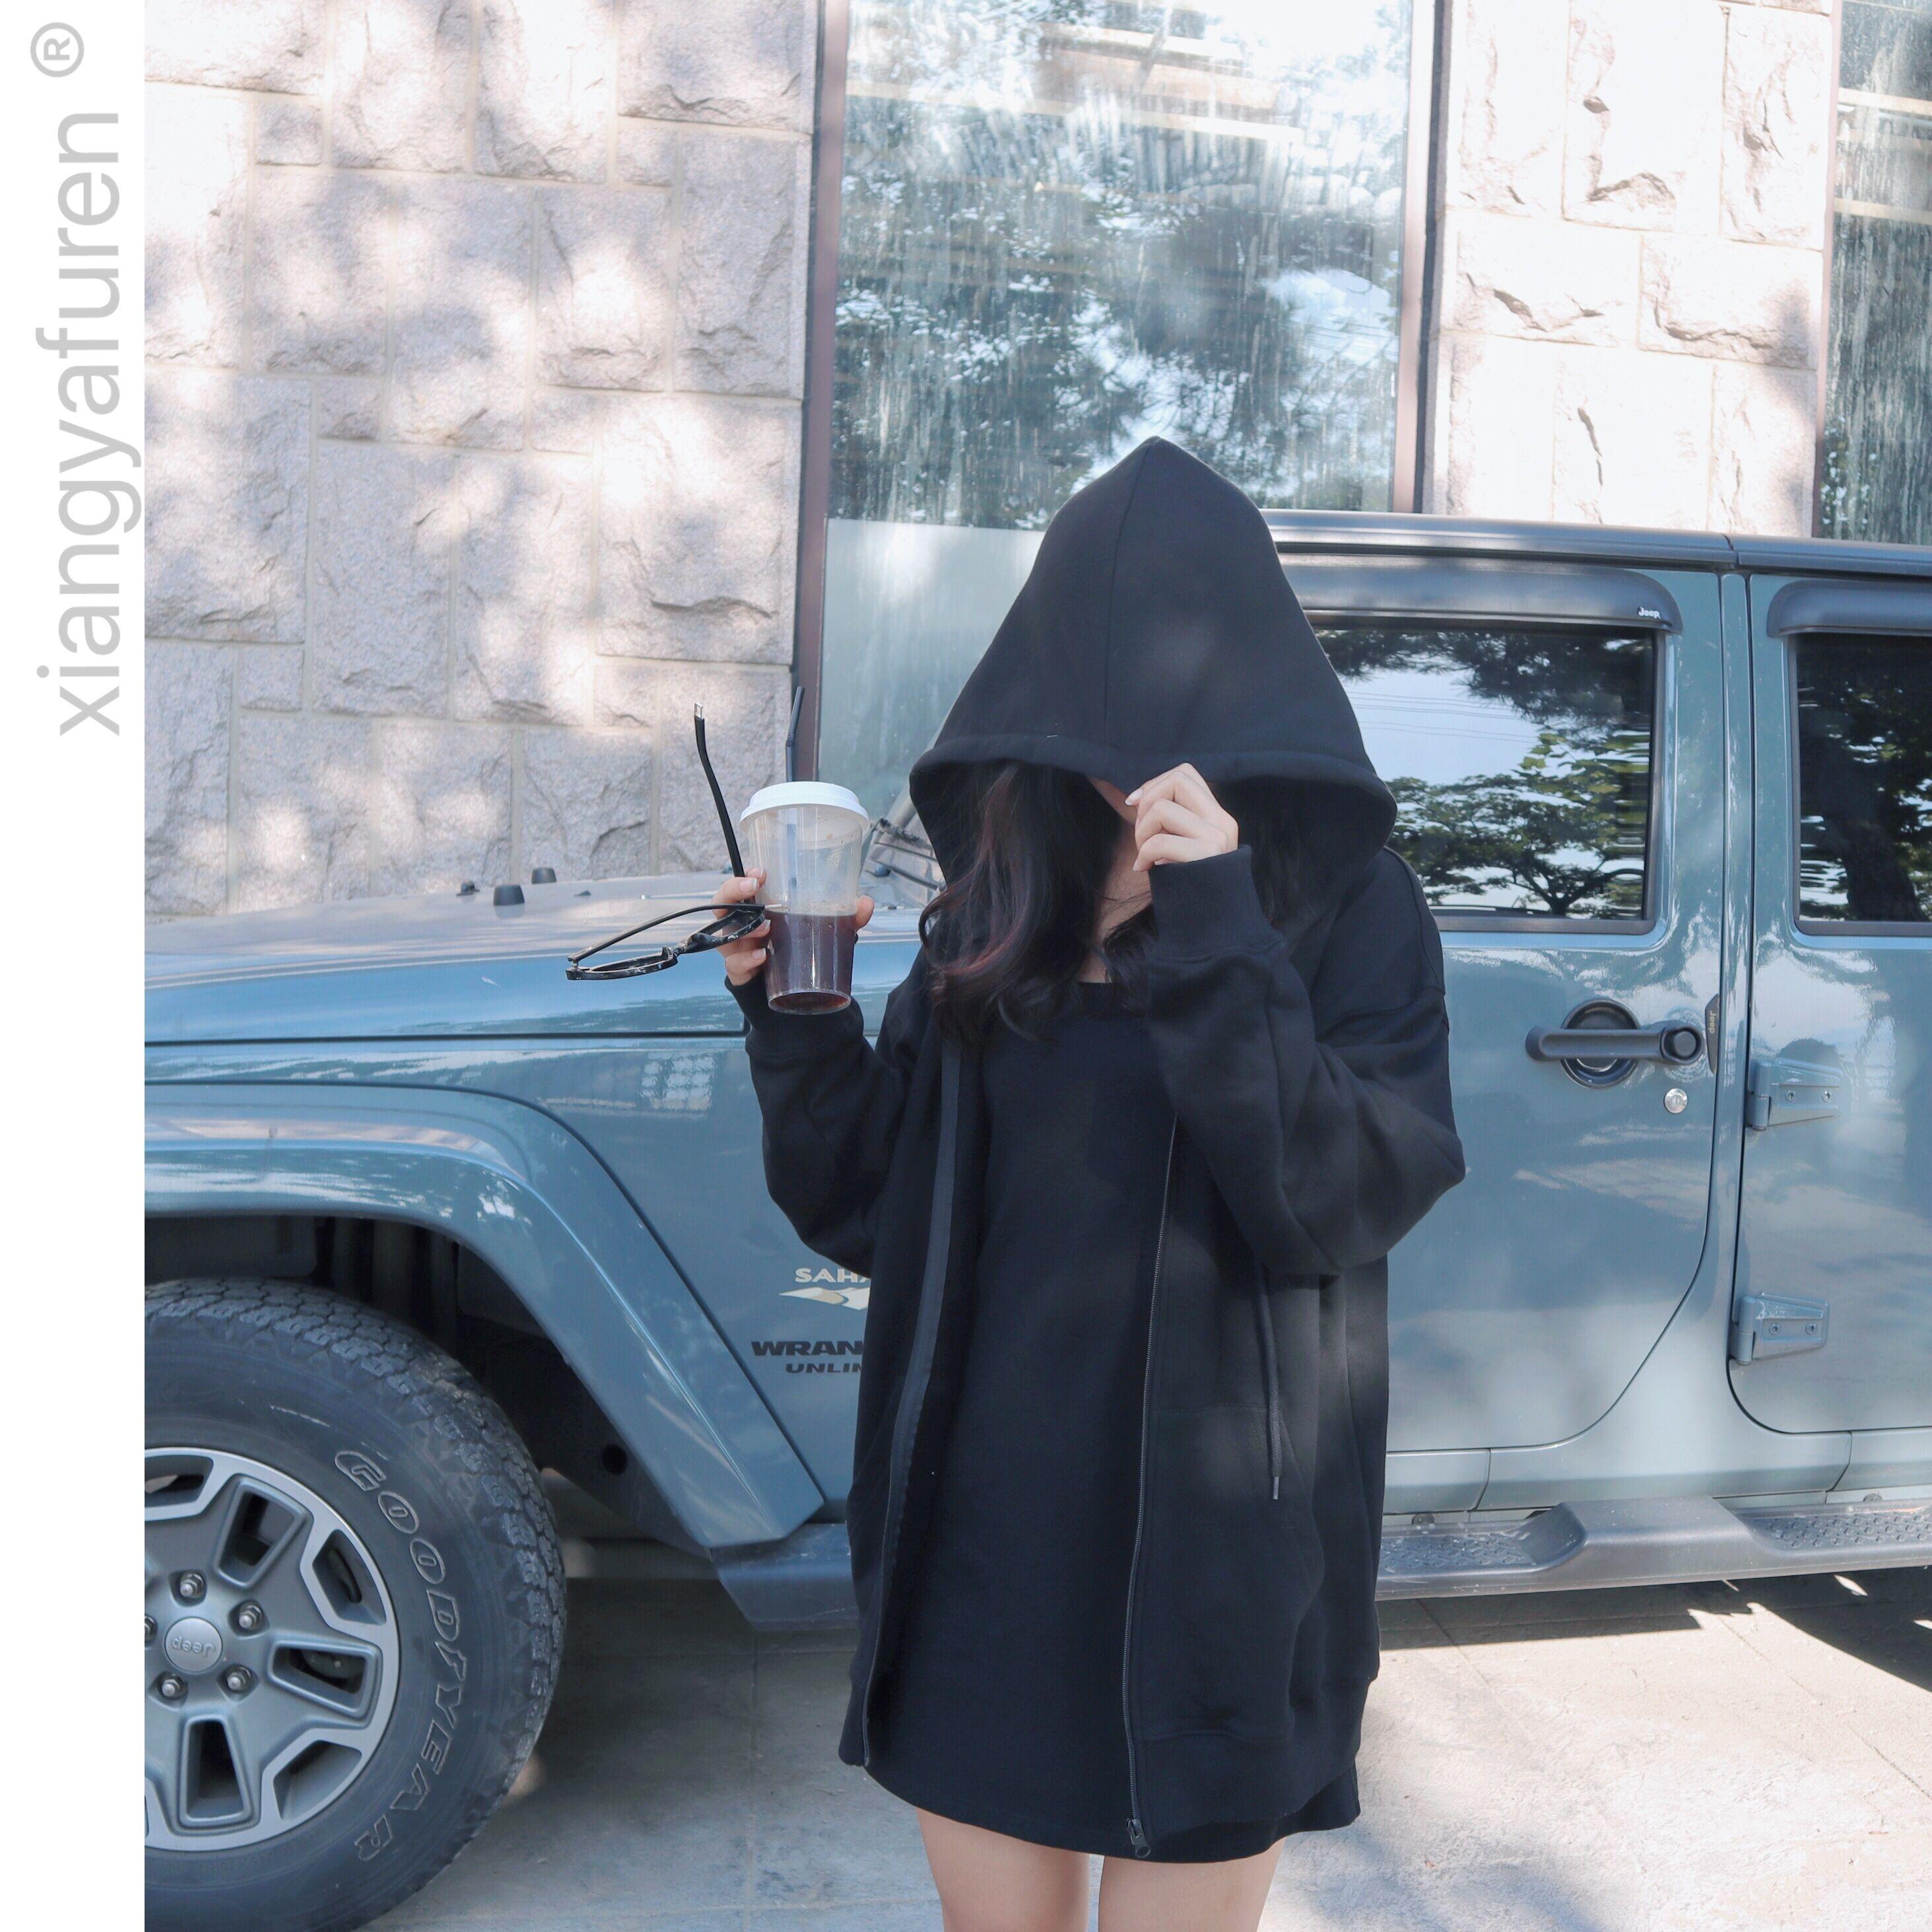 黑色卫衣 象牙夫人春秋新款拉链连帽卫衣外套女黑色百搭宽松bf风韩版开衫潮_推荐淘宝好看的黑色卫衣